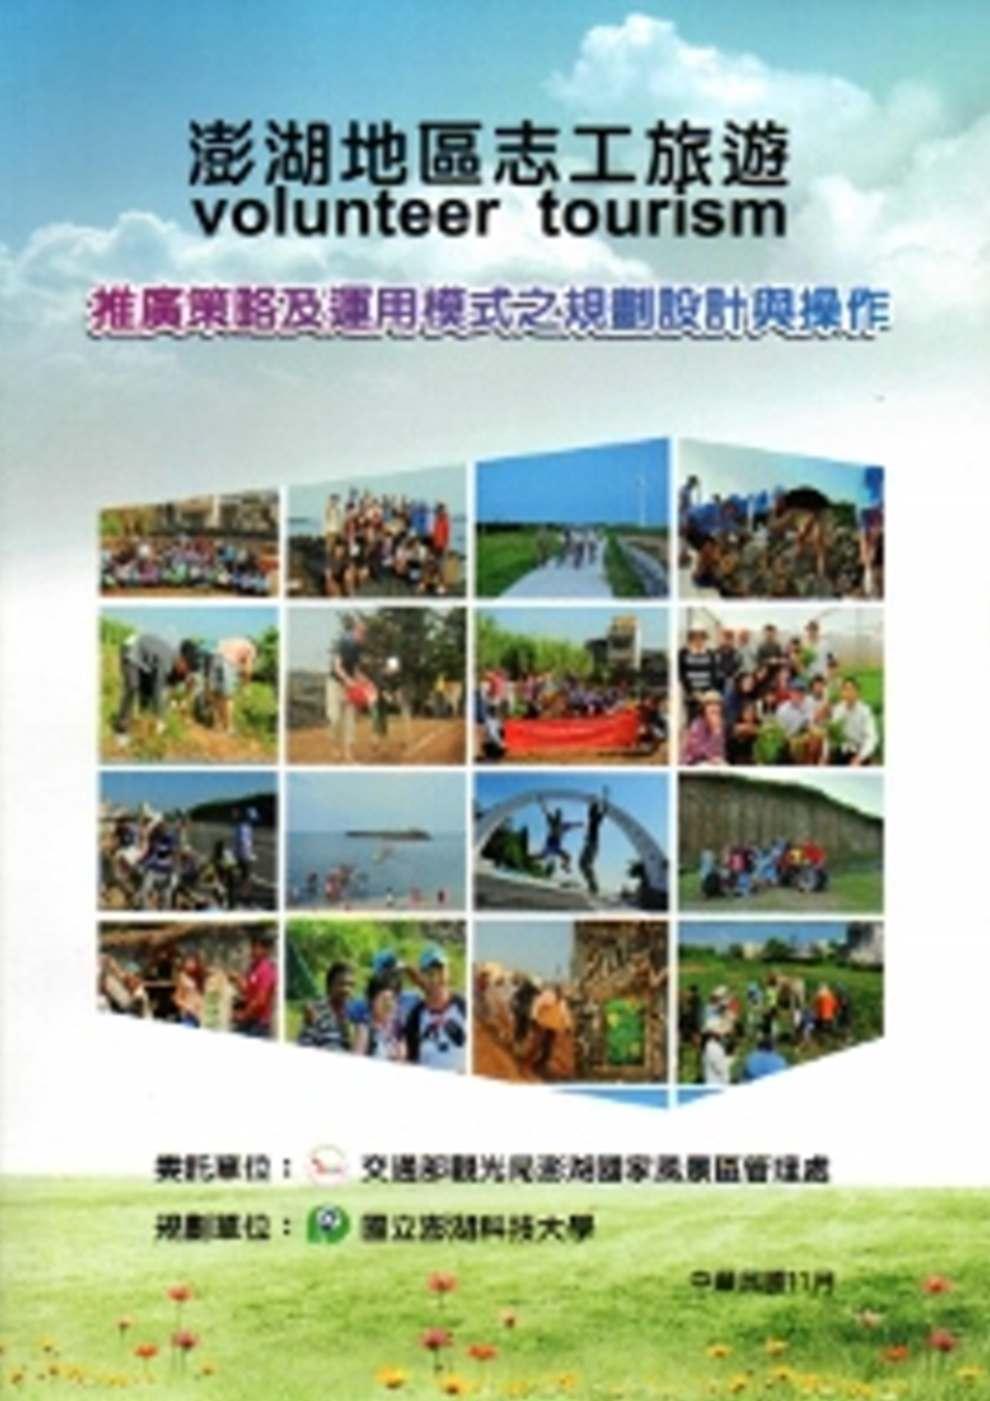 澎湖 志工旅遊 volunteer tourism 推廣策略及運用模式之規劃 與操作規劃報